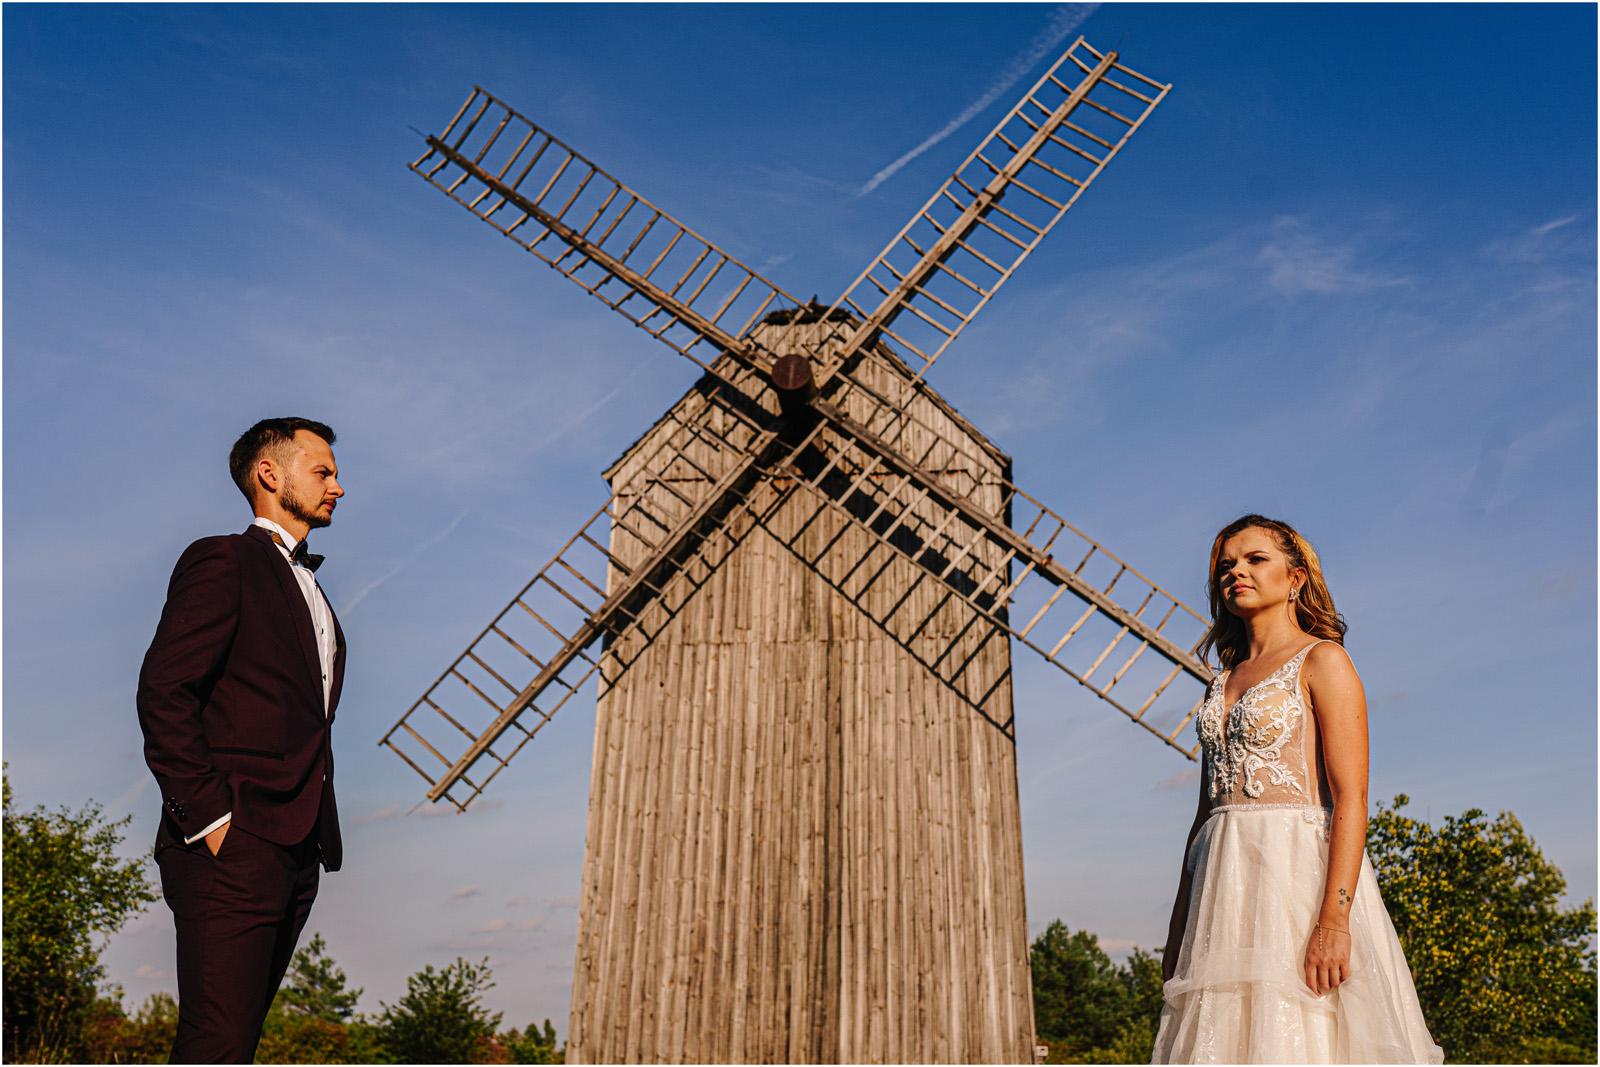 Kasia & Damian   ślub plenerowy w Kuźni Smaków i sesja w skansenie 141